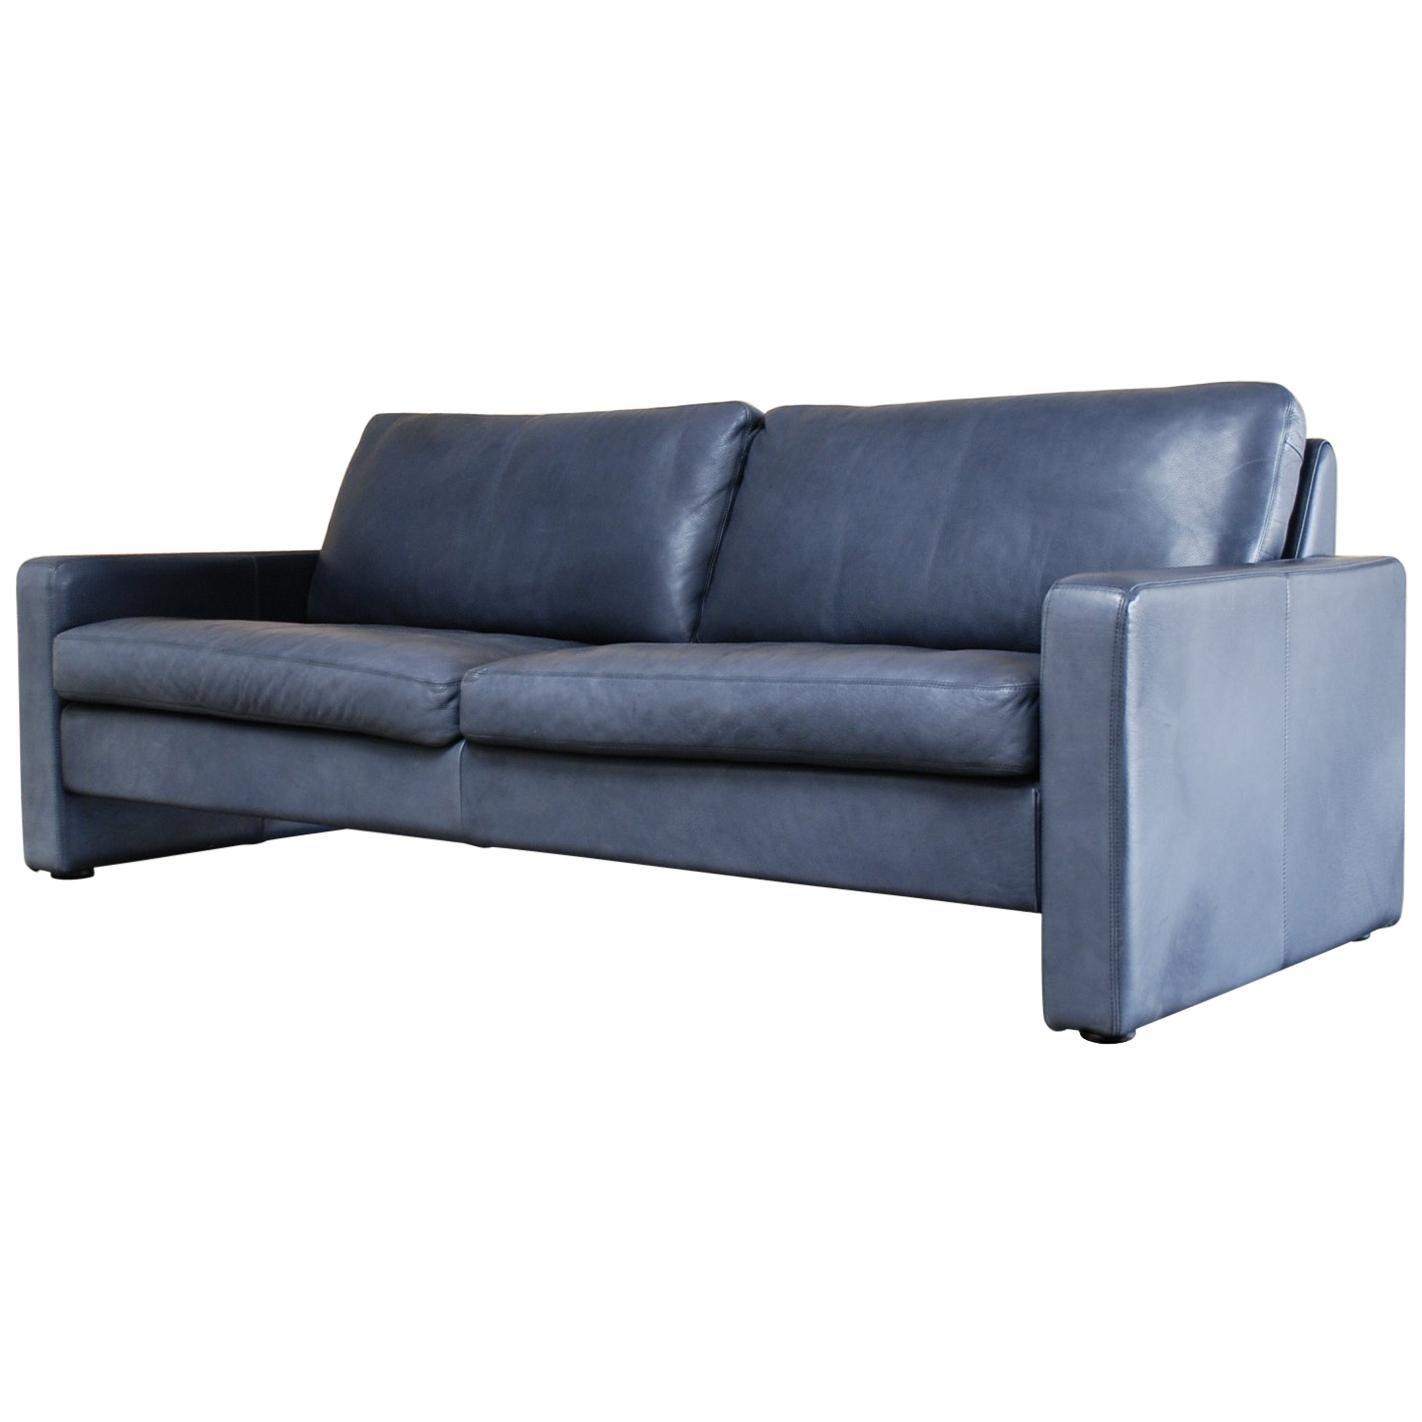 COR Conseta Blue Leather Sofa